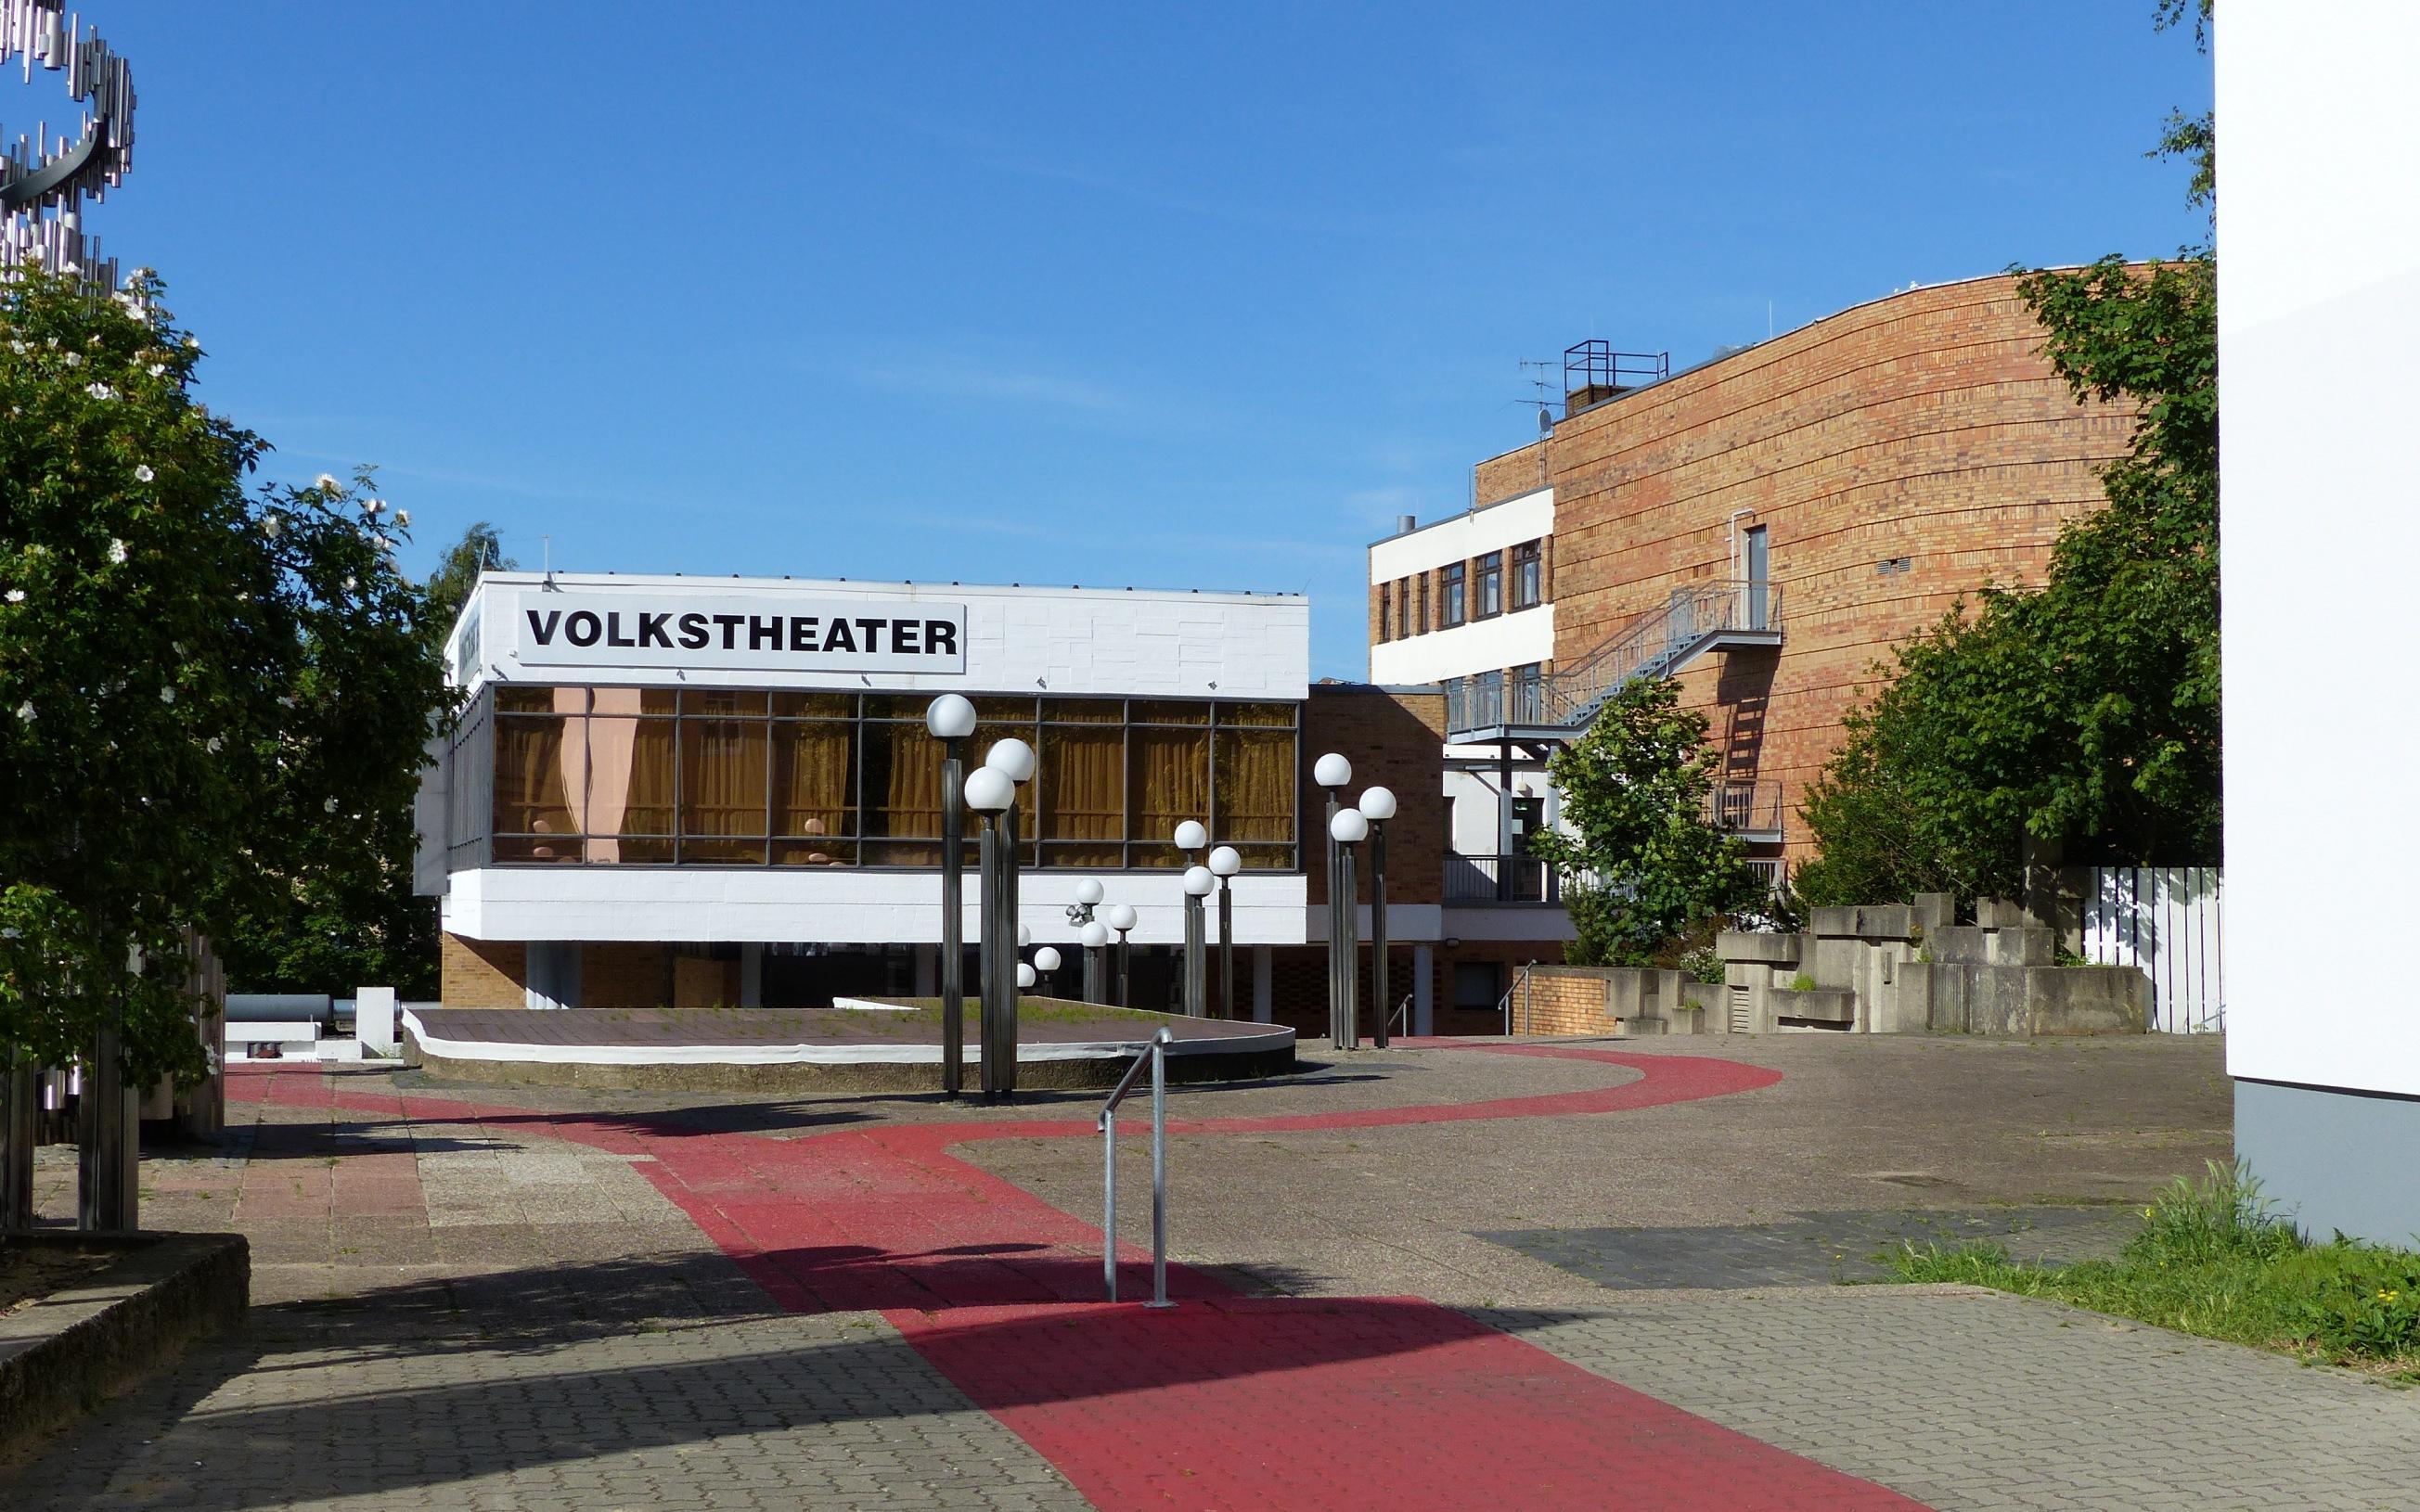 Eingangsbereich des Volkstheater Rostock, bei der Doberaner Straße